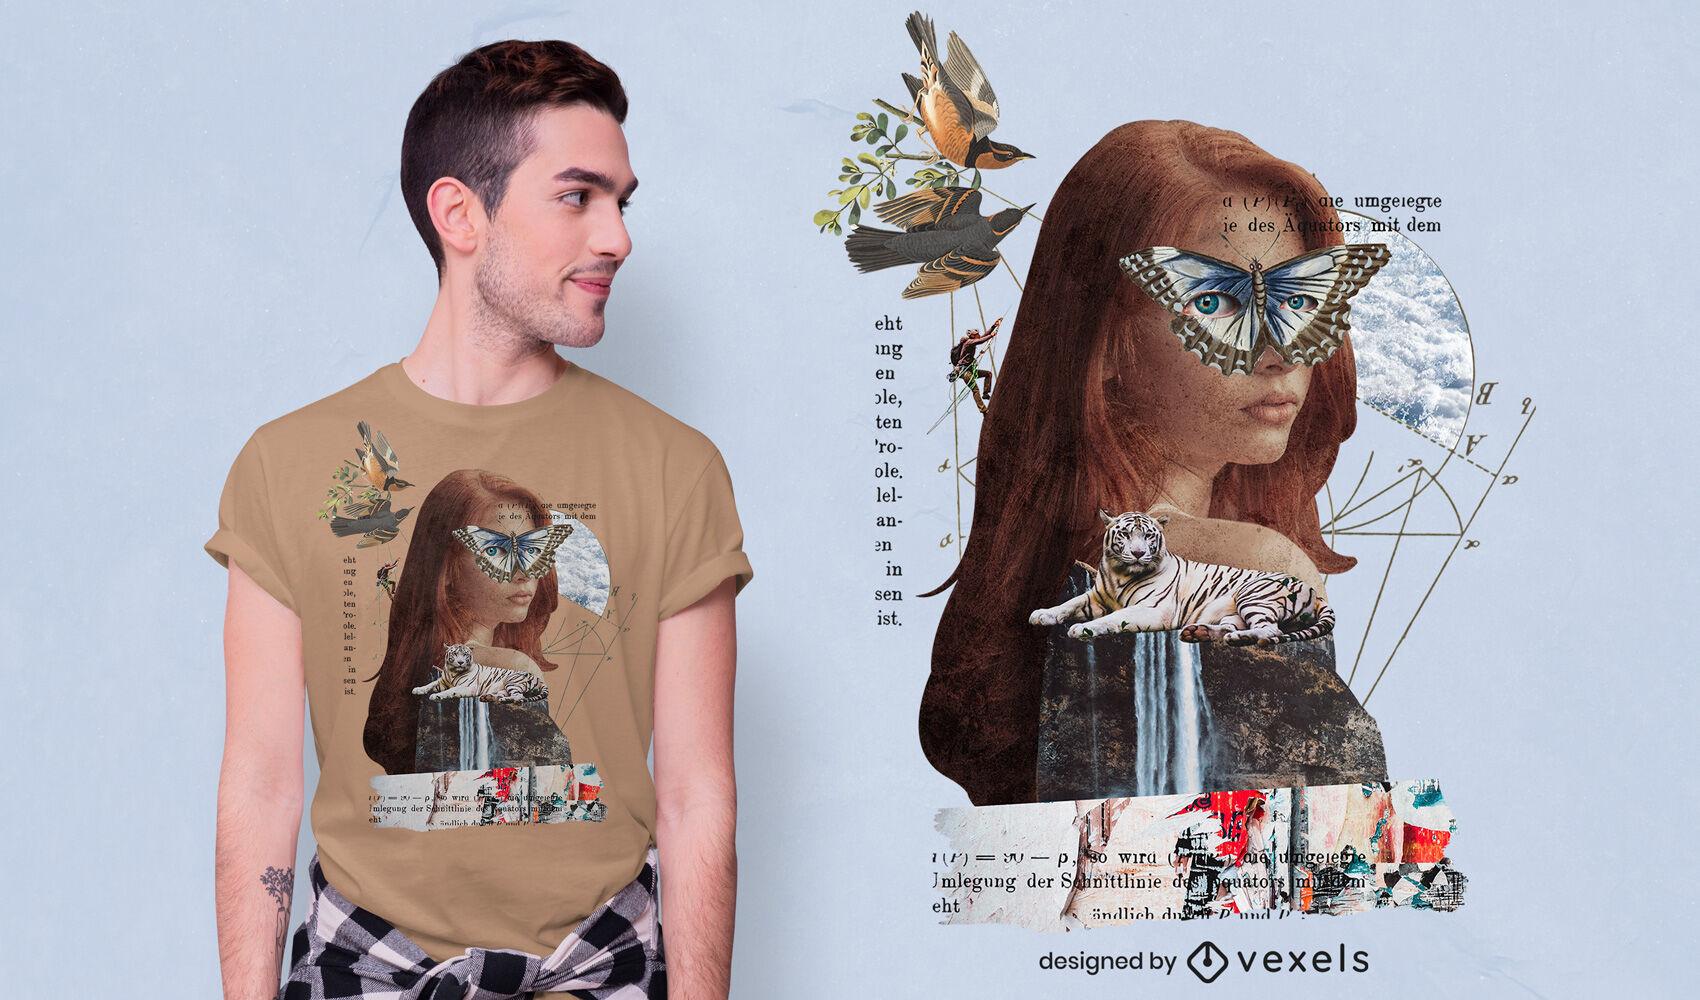 Diseño de camiseta psd vintage de collage surrealista de niña